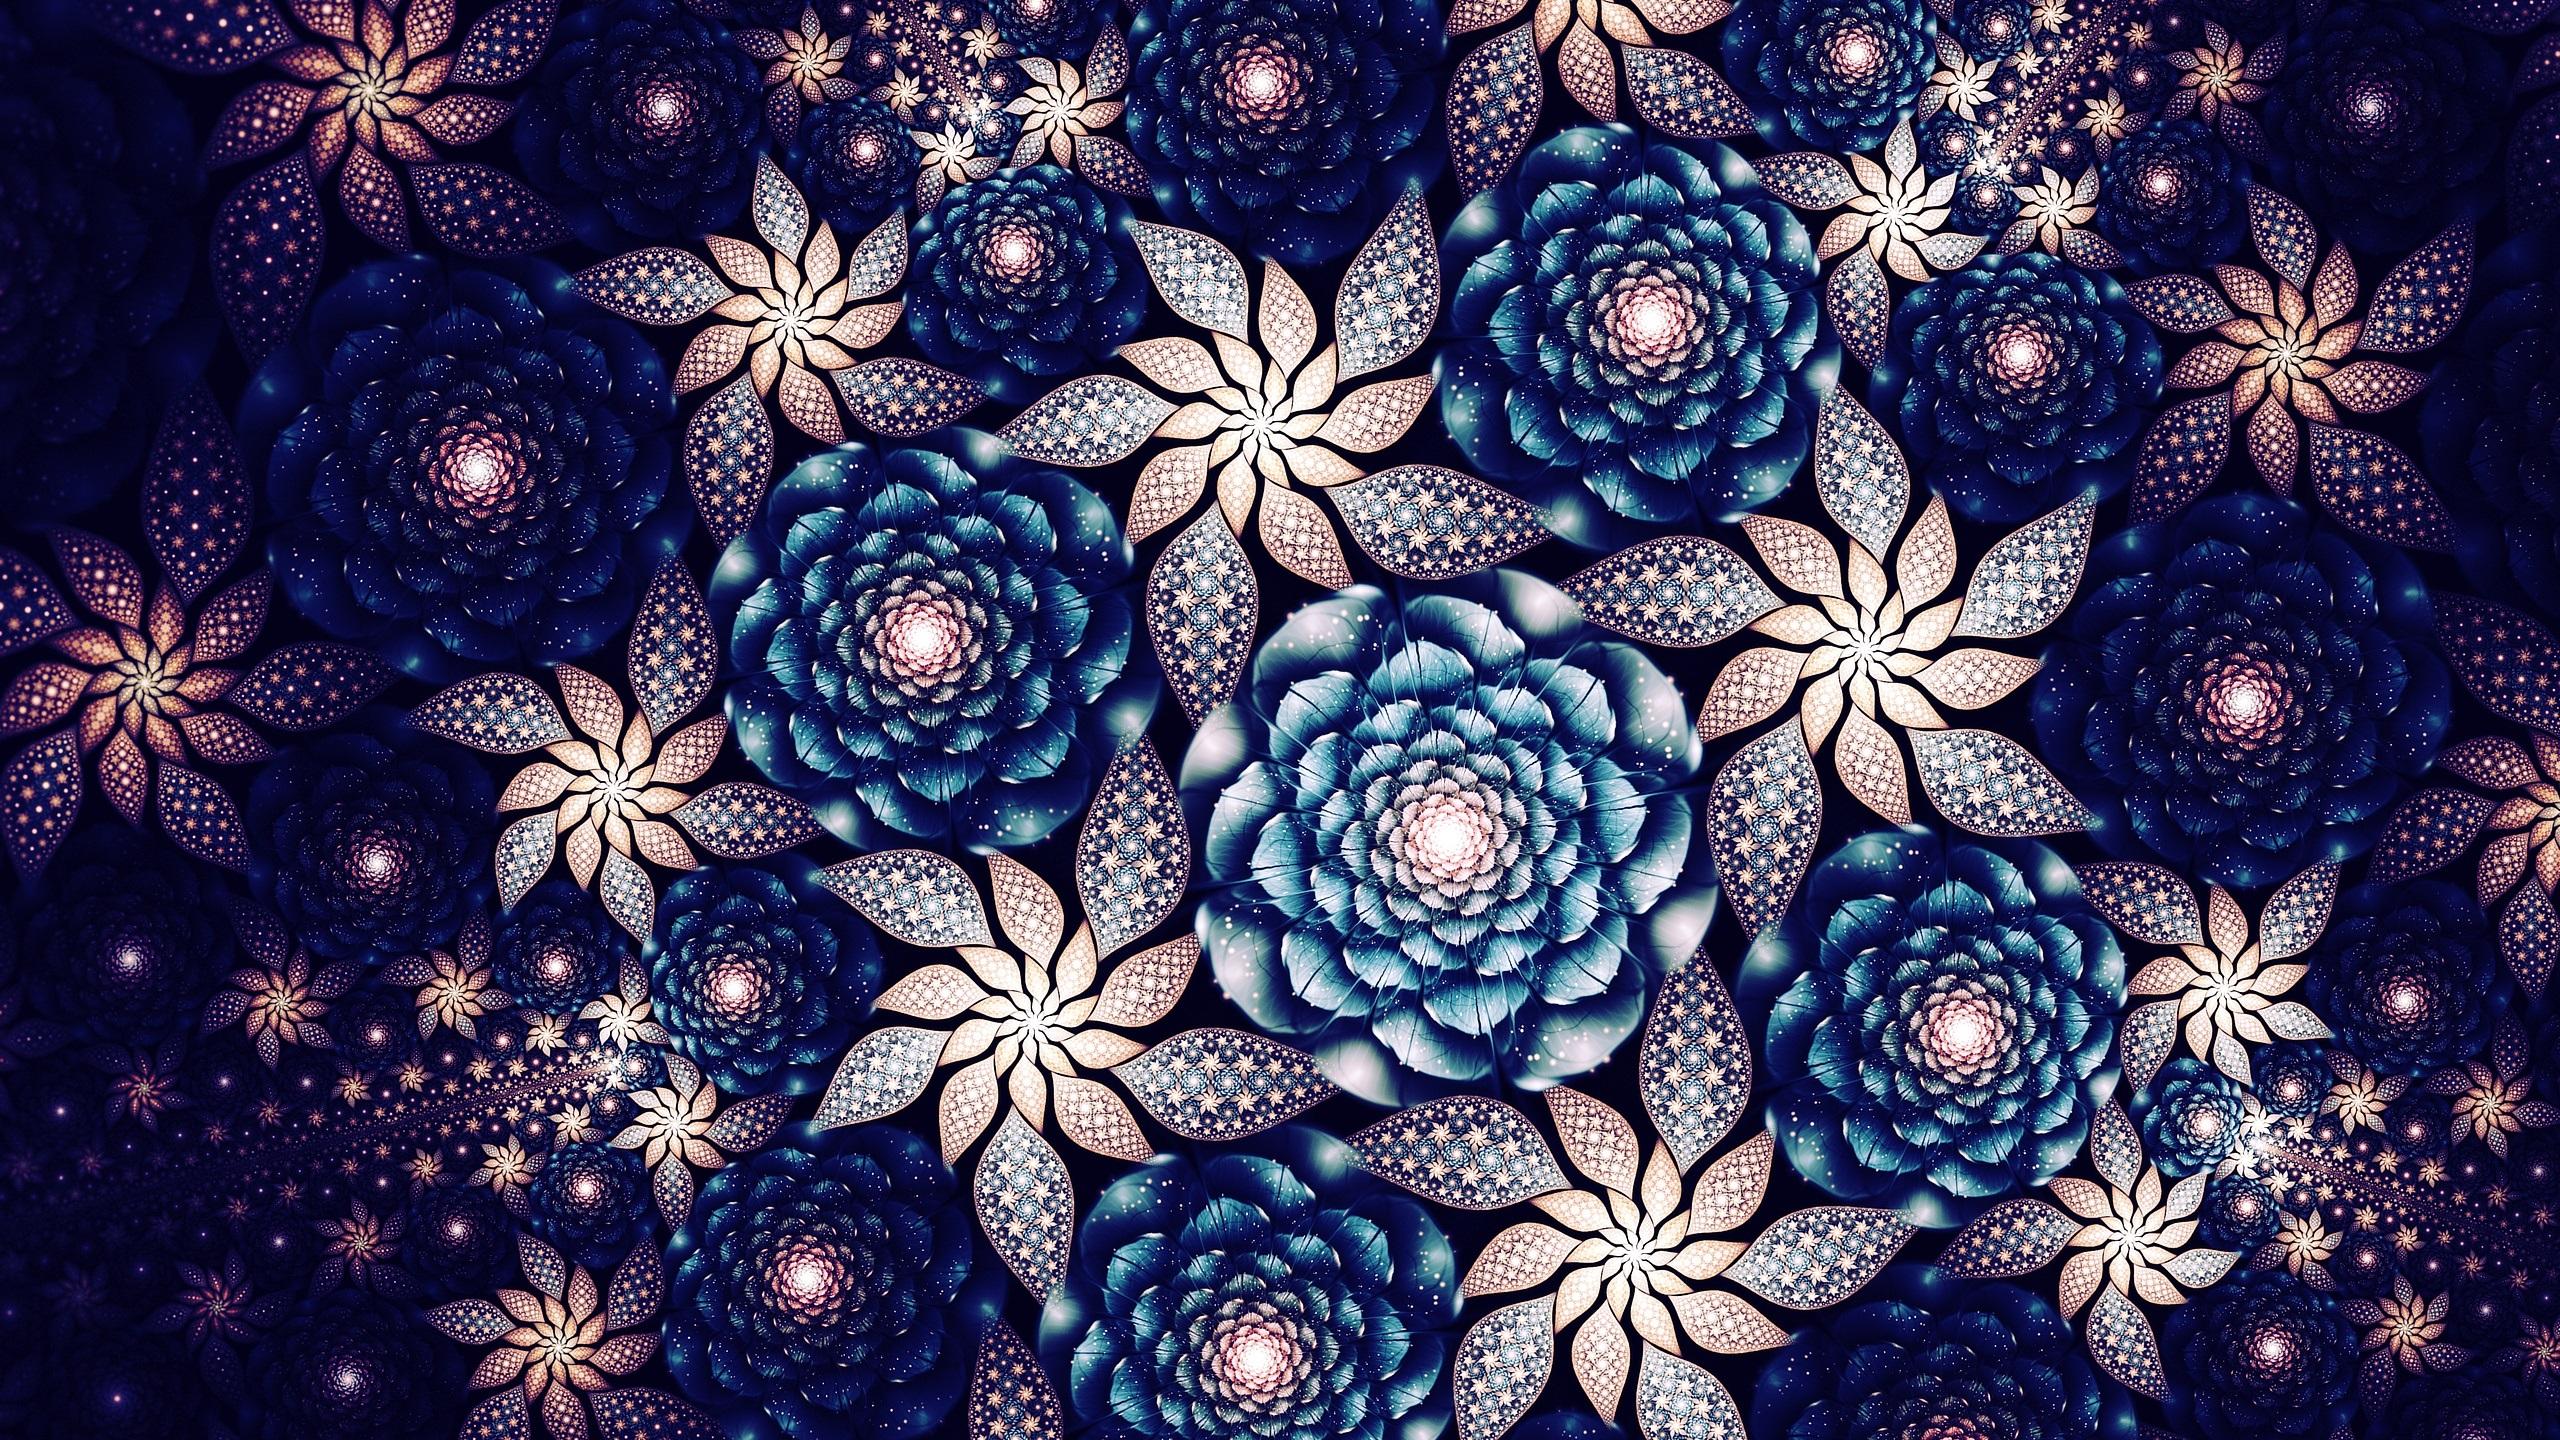 Fondo De Pantalla Abstracto Flores Y Circulos: Fondos De Pantalla Hermosas Flores, Patrones Abstractos De